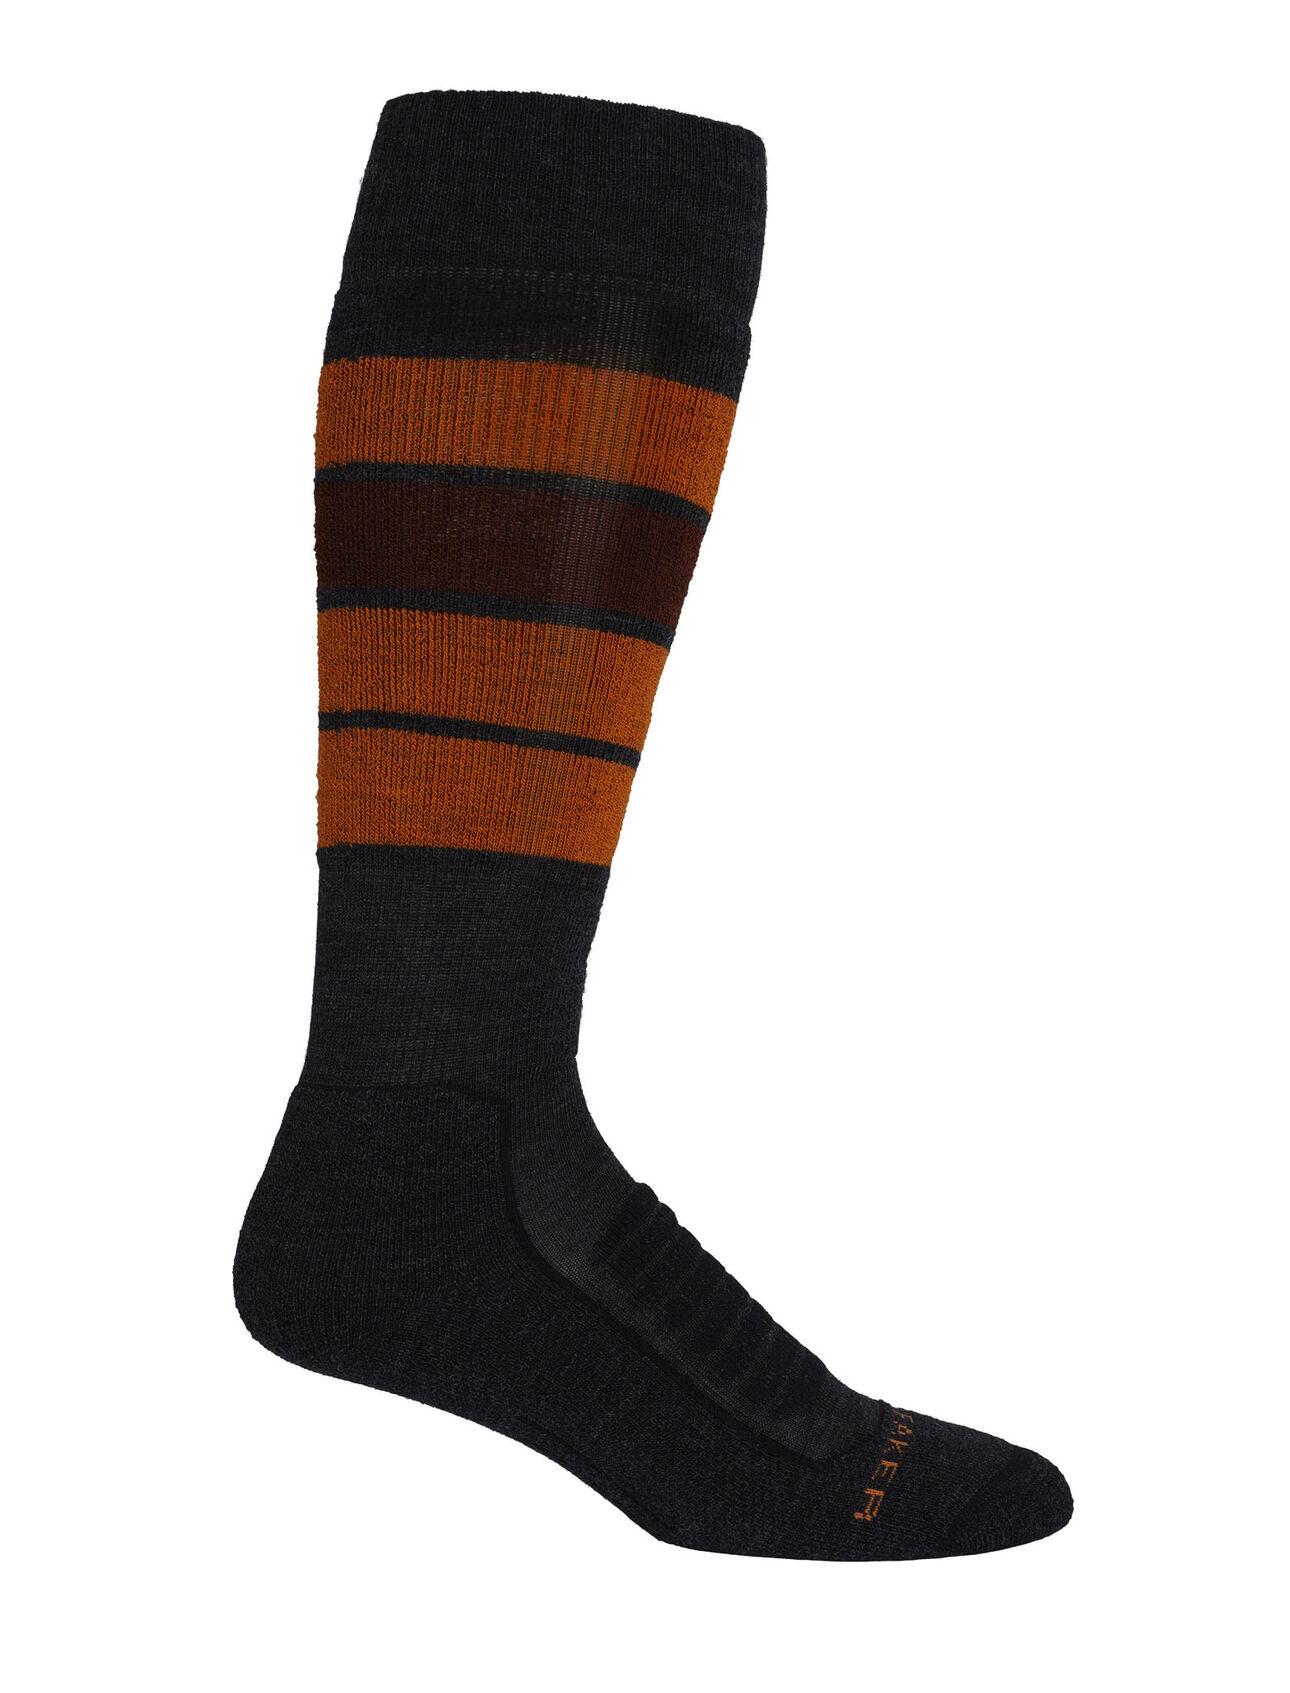 Merino Ski+ Medium Over the Calf Socks Heritage Stripe